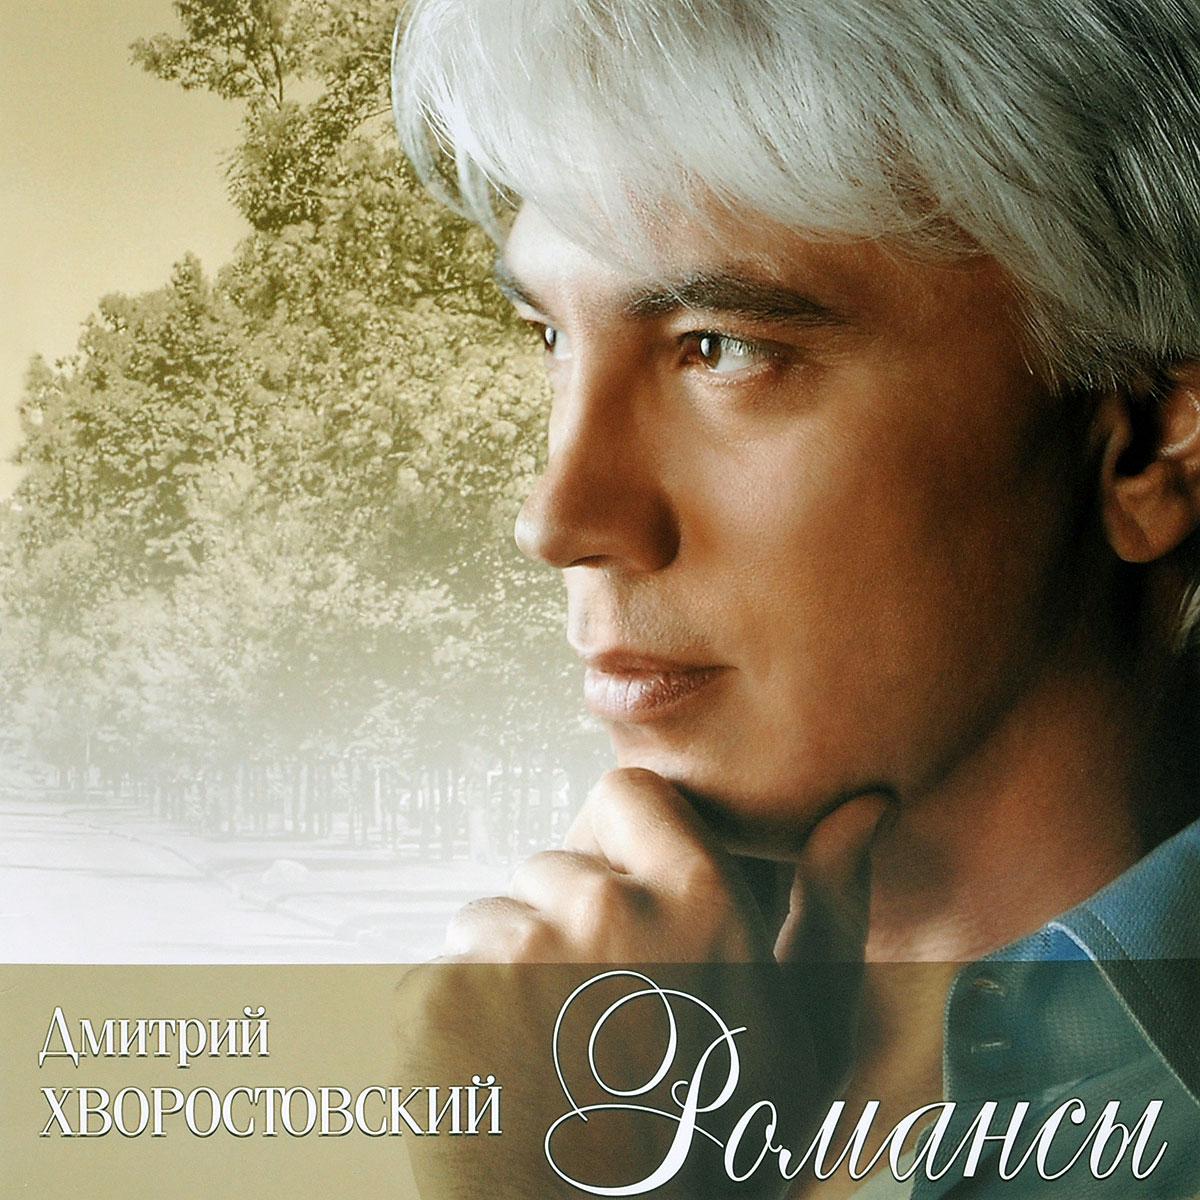 Дмитрий Хворостовский. Романсы (LP)